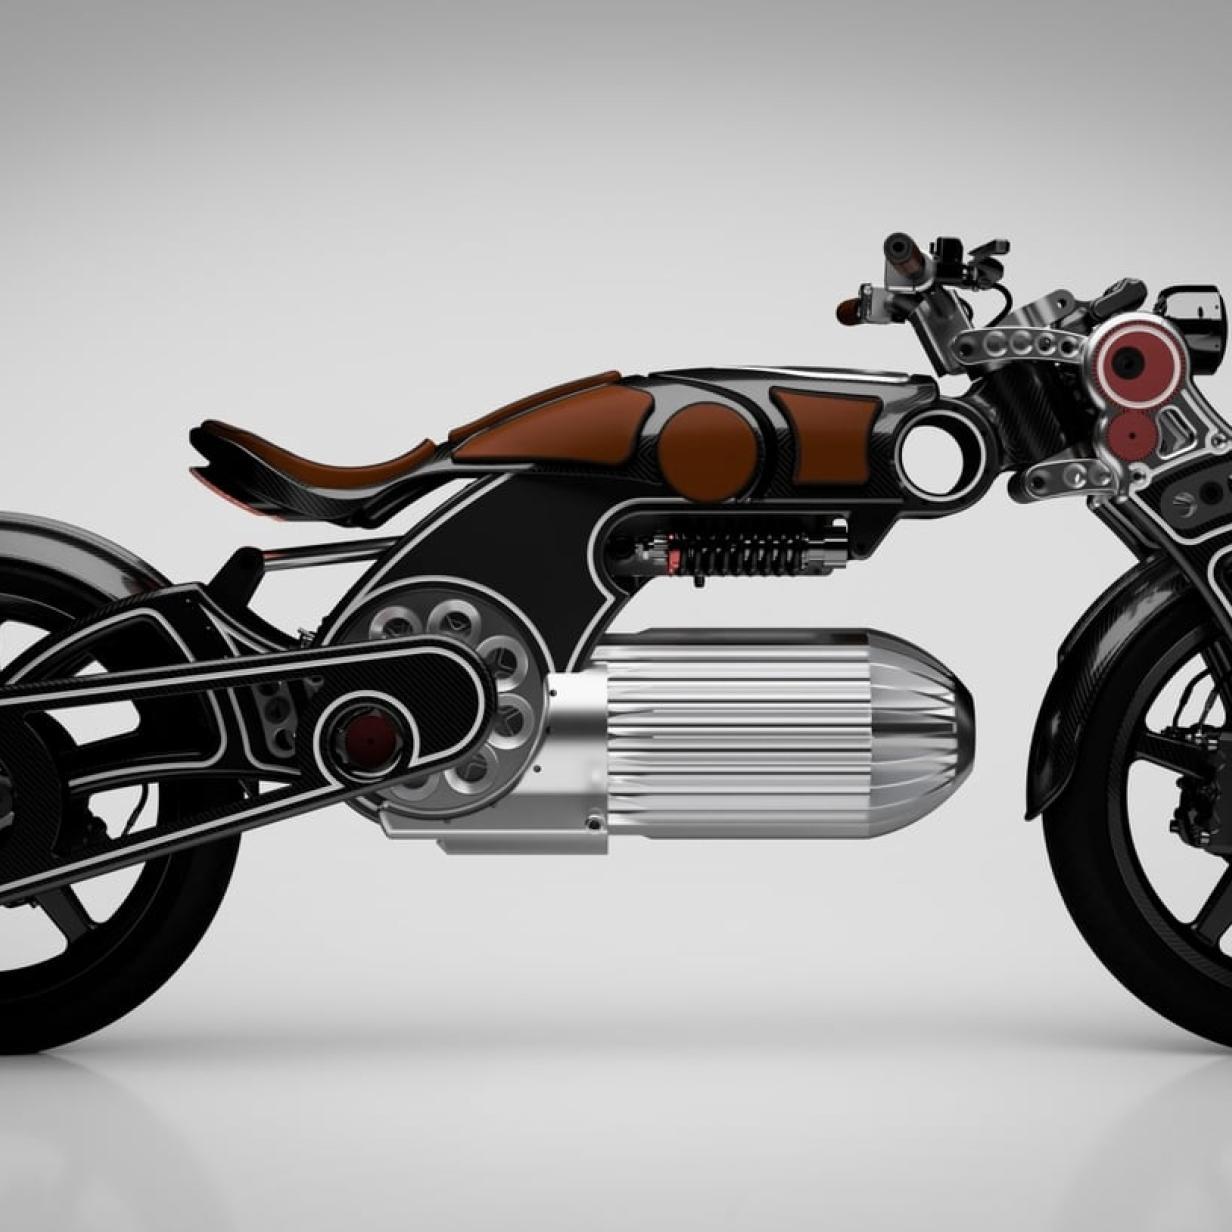 """Elektro-Motorrad """"Hades"""" mit spektakulärem Design enthüllt"""